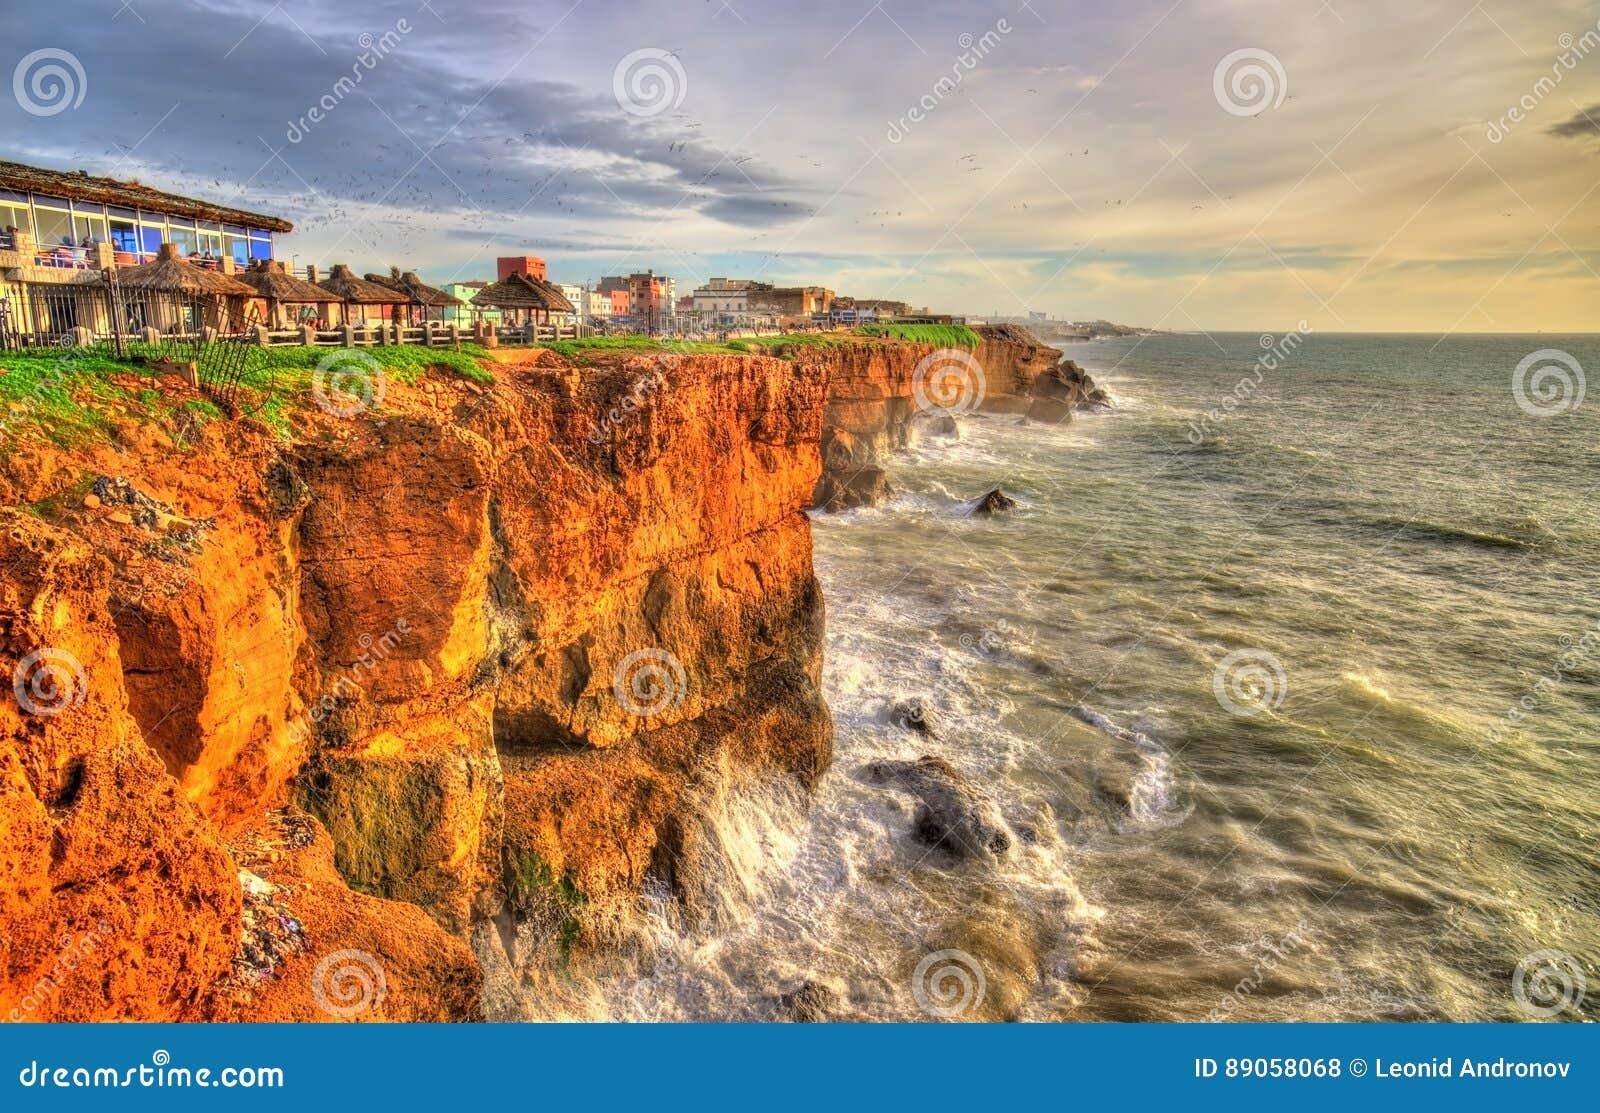 Ατλαντική ακτή στην πόλη Safi στο Μαρόκο